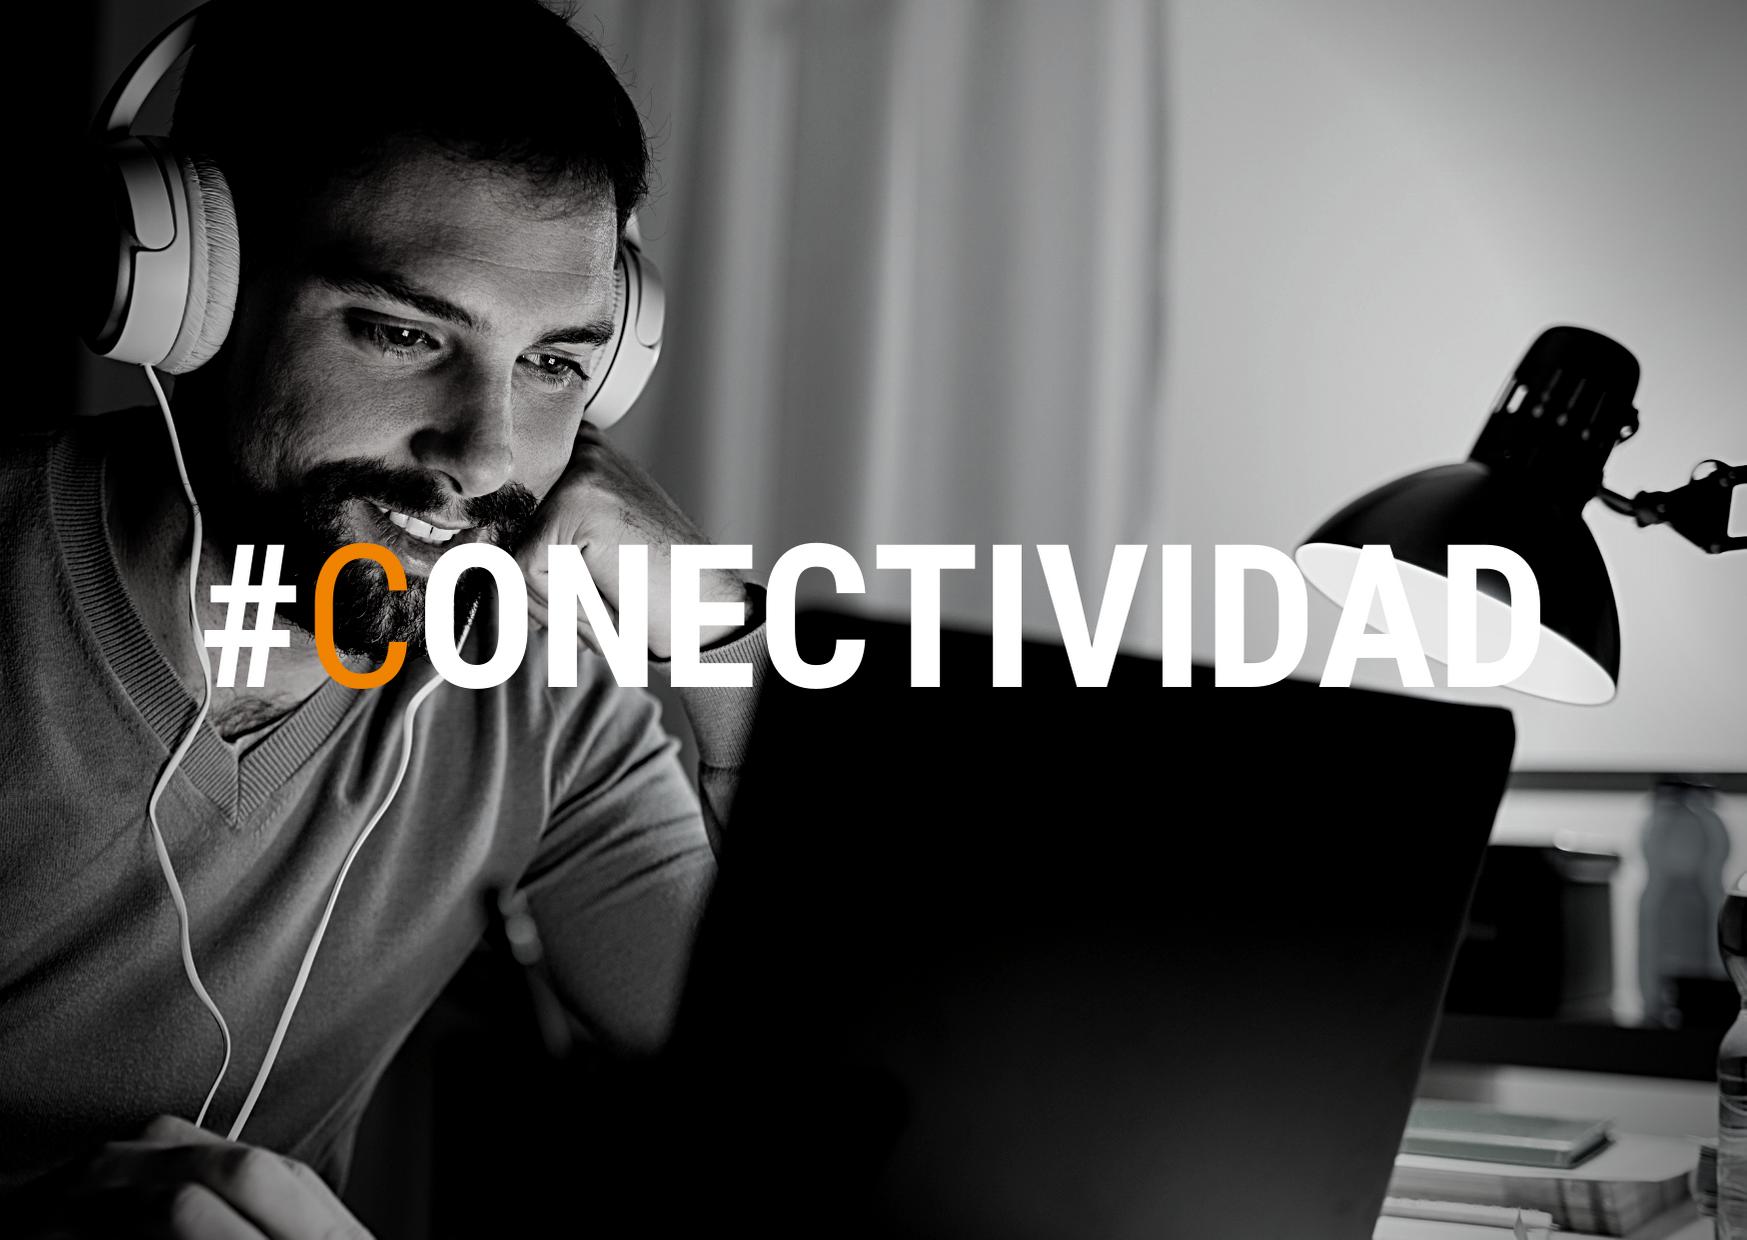 #Conectividad